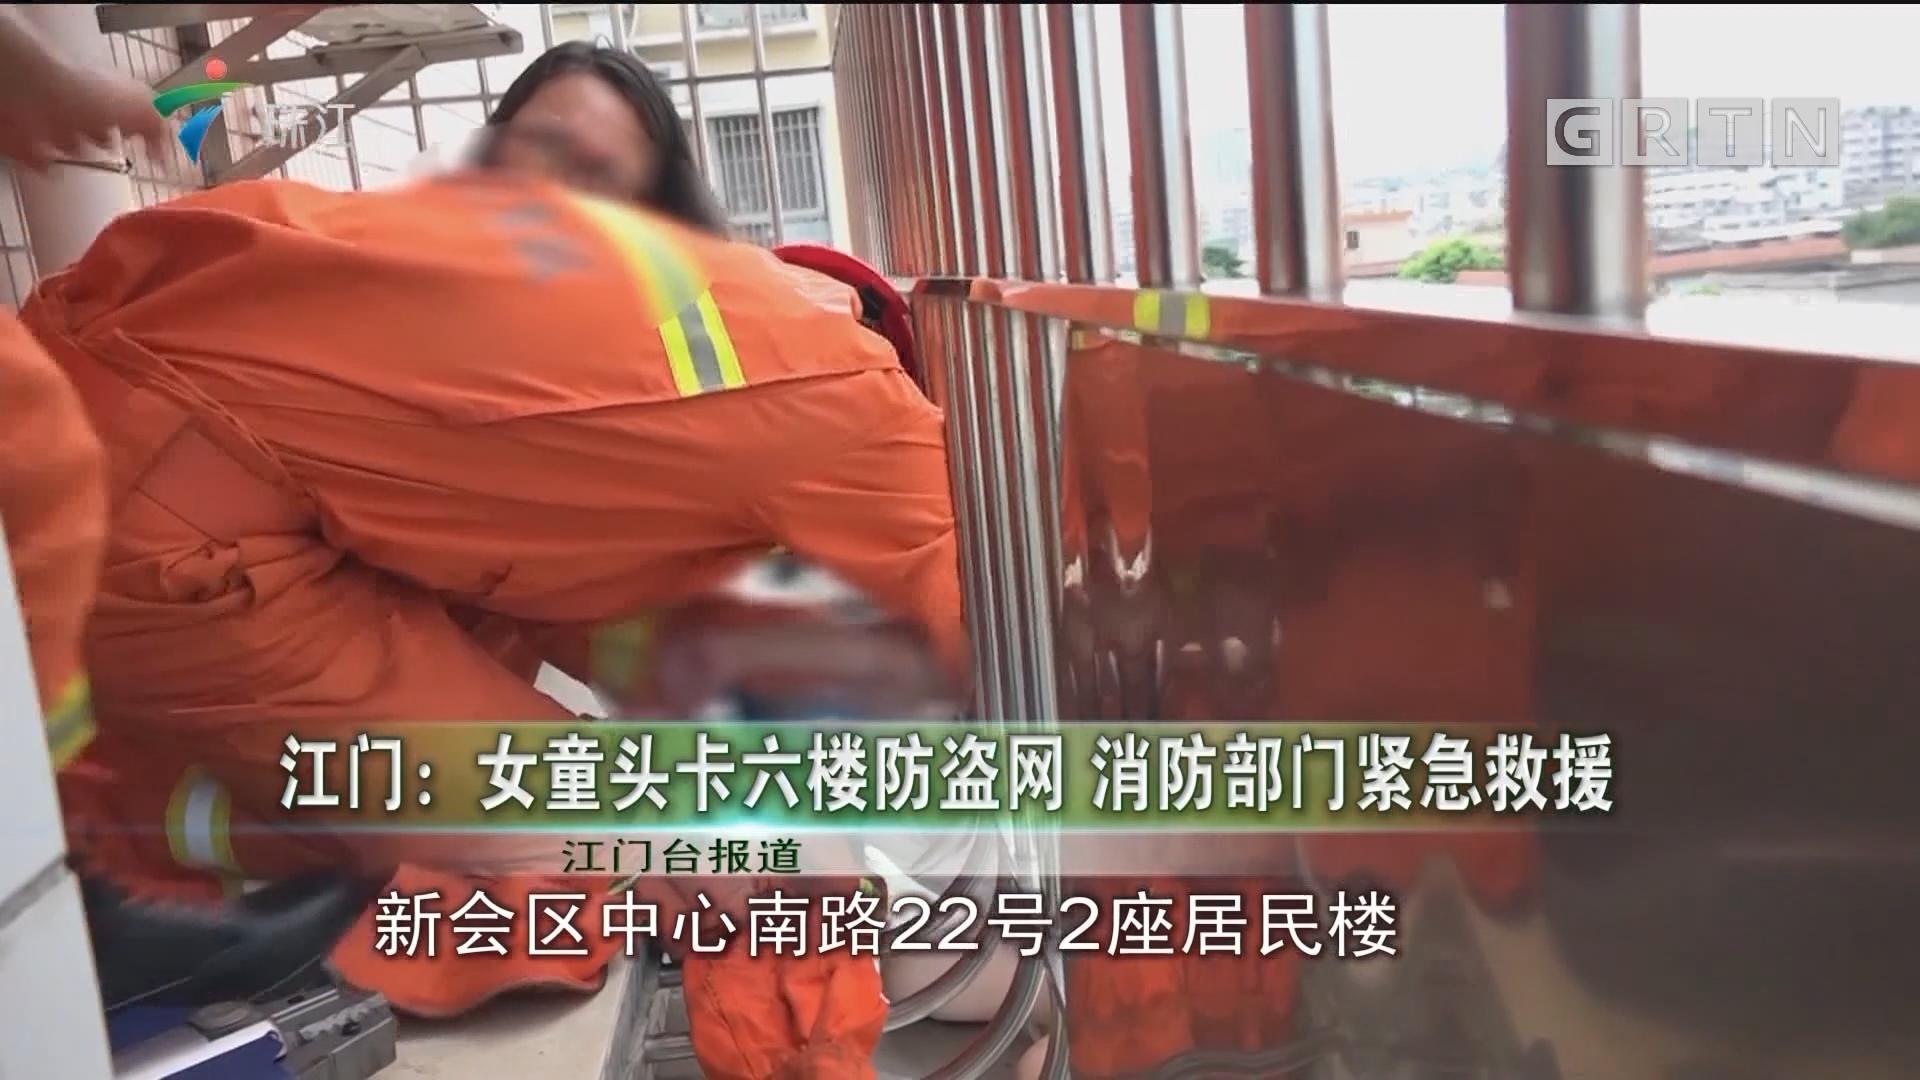 江門:女童頭卡六樓防盜網 消防部門緊急救援